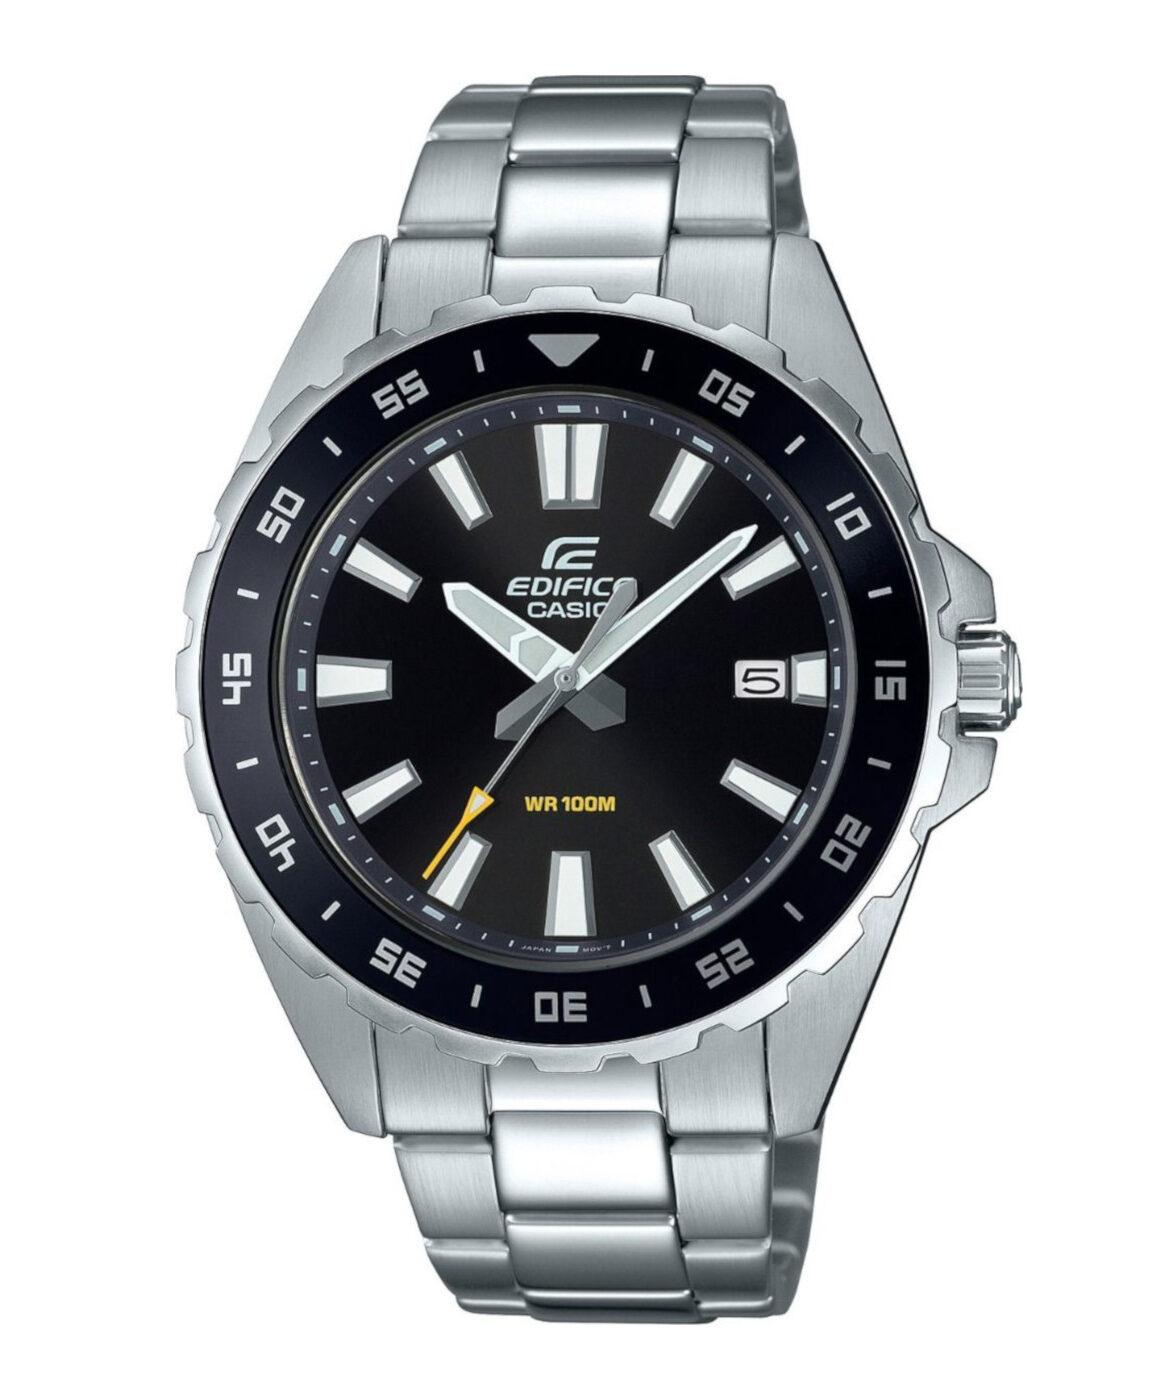 Ρολόι Casio Edifice Clasic EFV-130D-1AVUEF